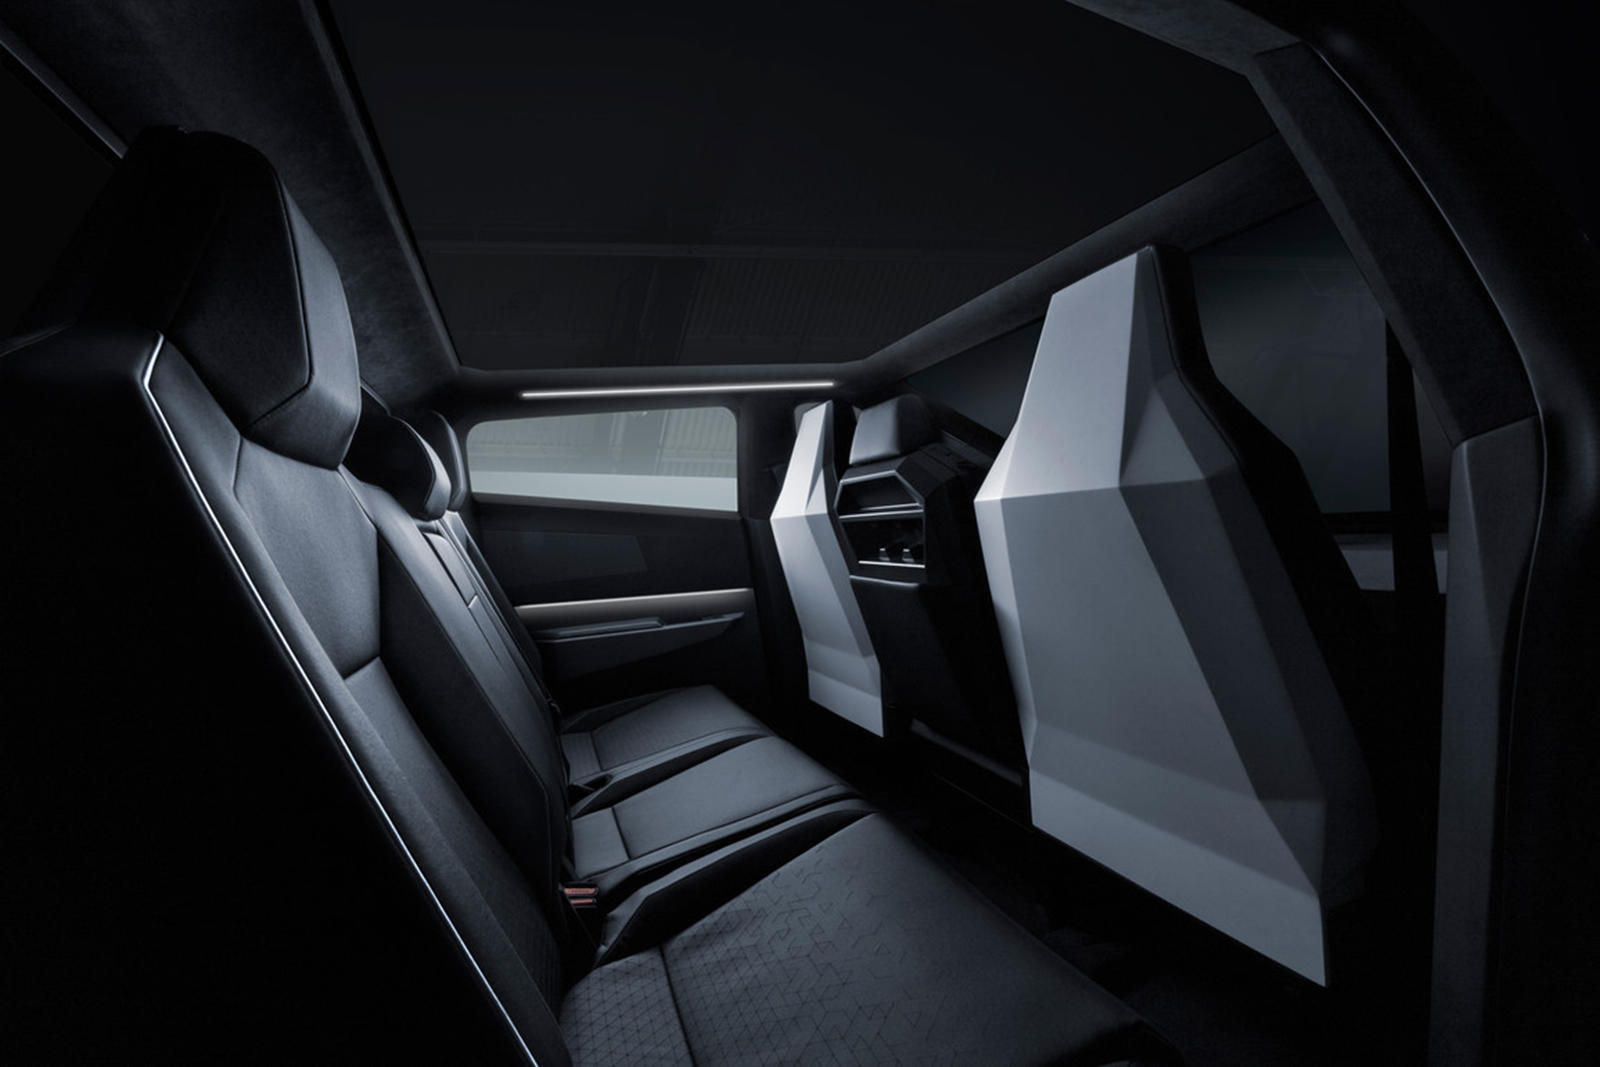 В отраслевом отчете IHS Markit, опубликованном Rivian Forums, прогнозируется, что минивэн Tesla дебютирует в конце 2026 года и будет построен вместе с Cybertruck на заводе в Остине, штат Техас. Обращаться напрямую к Tesla за комментариями бесполезно,